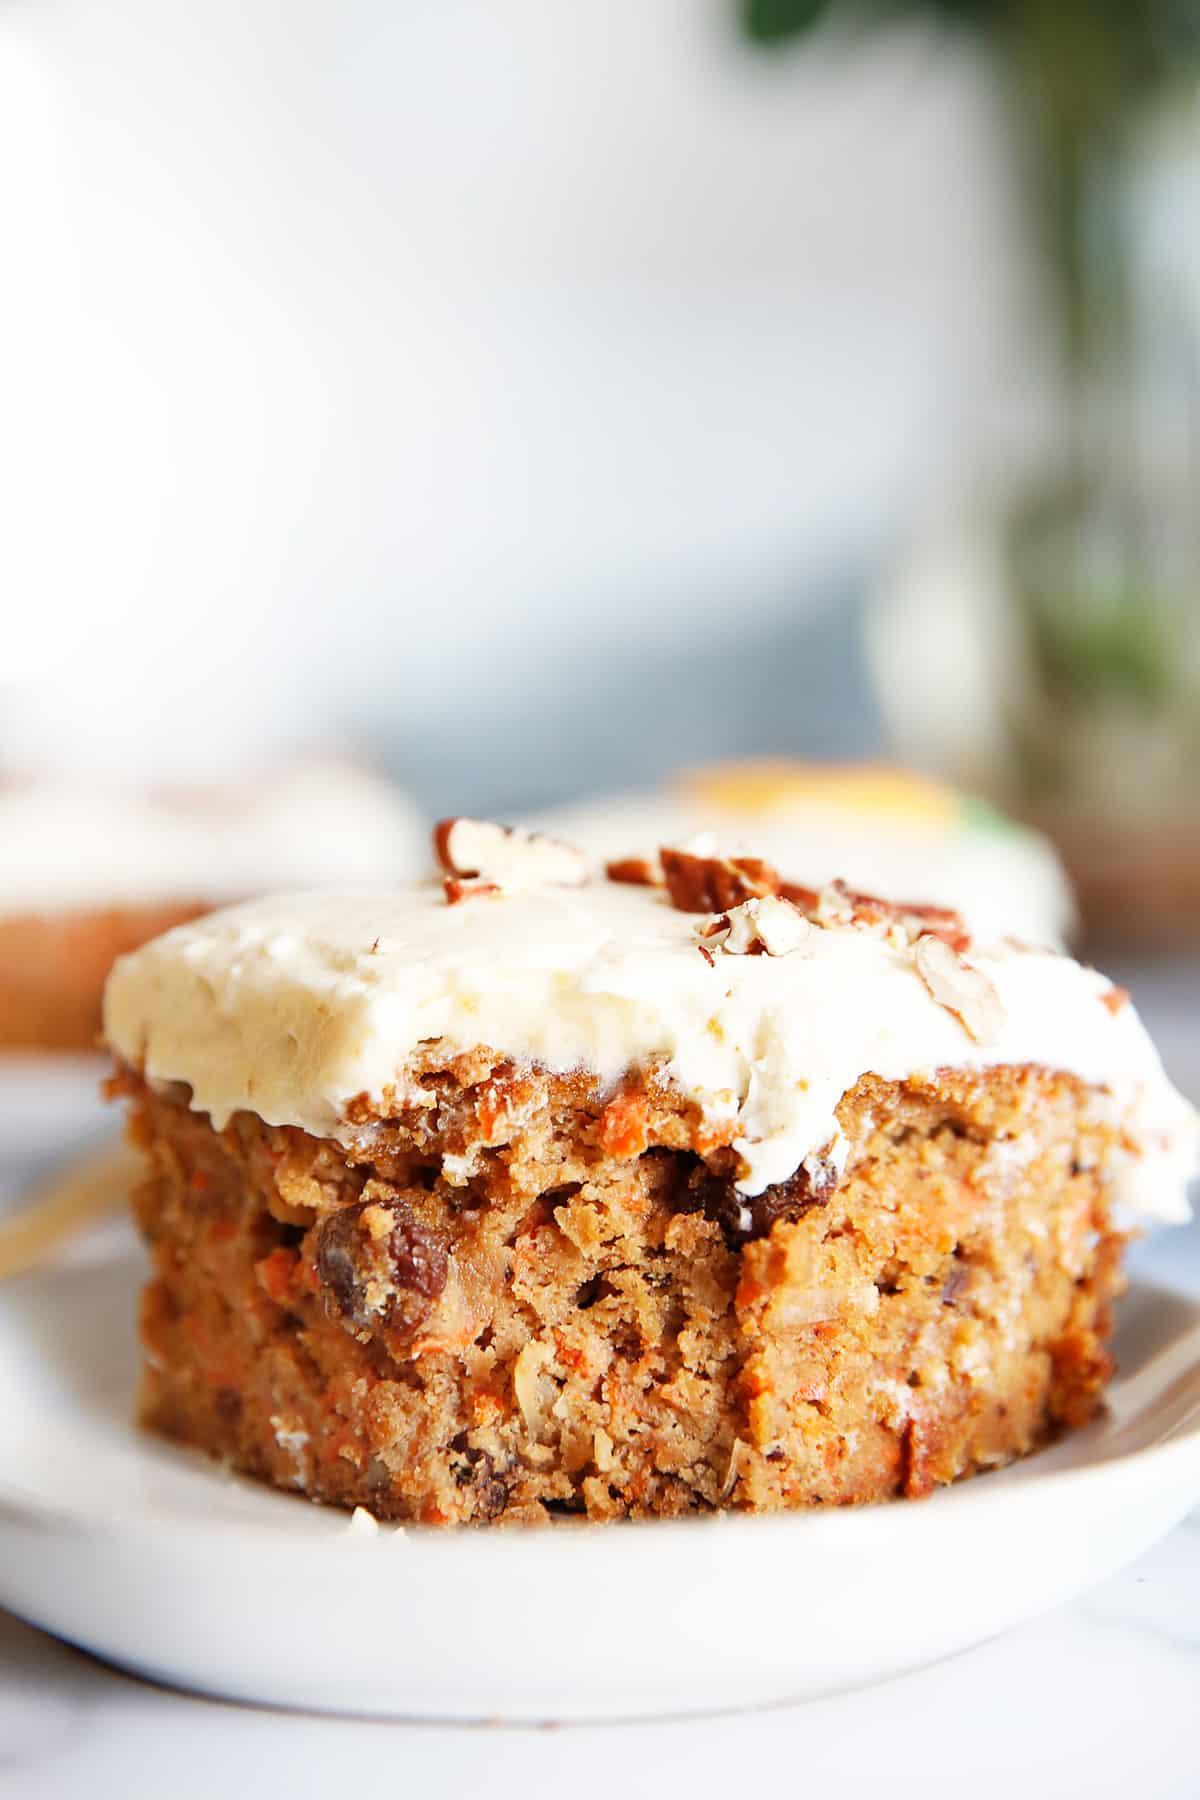 Easy Gluten Free Carrot Cake